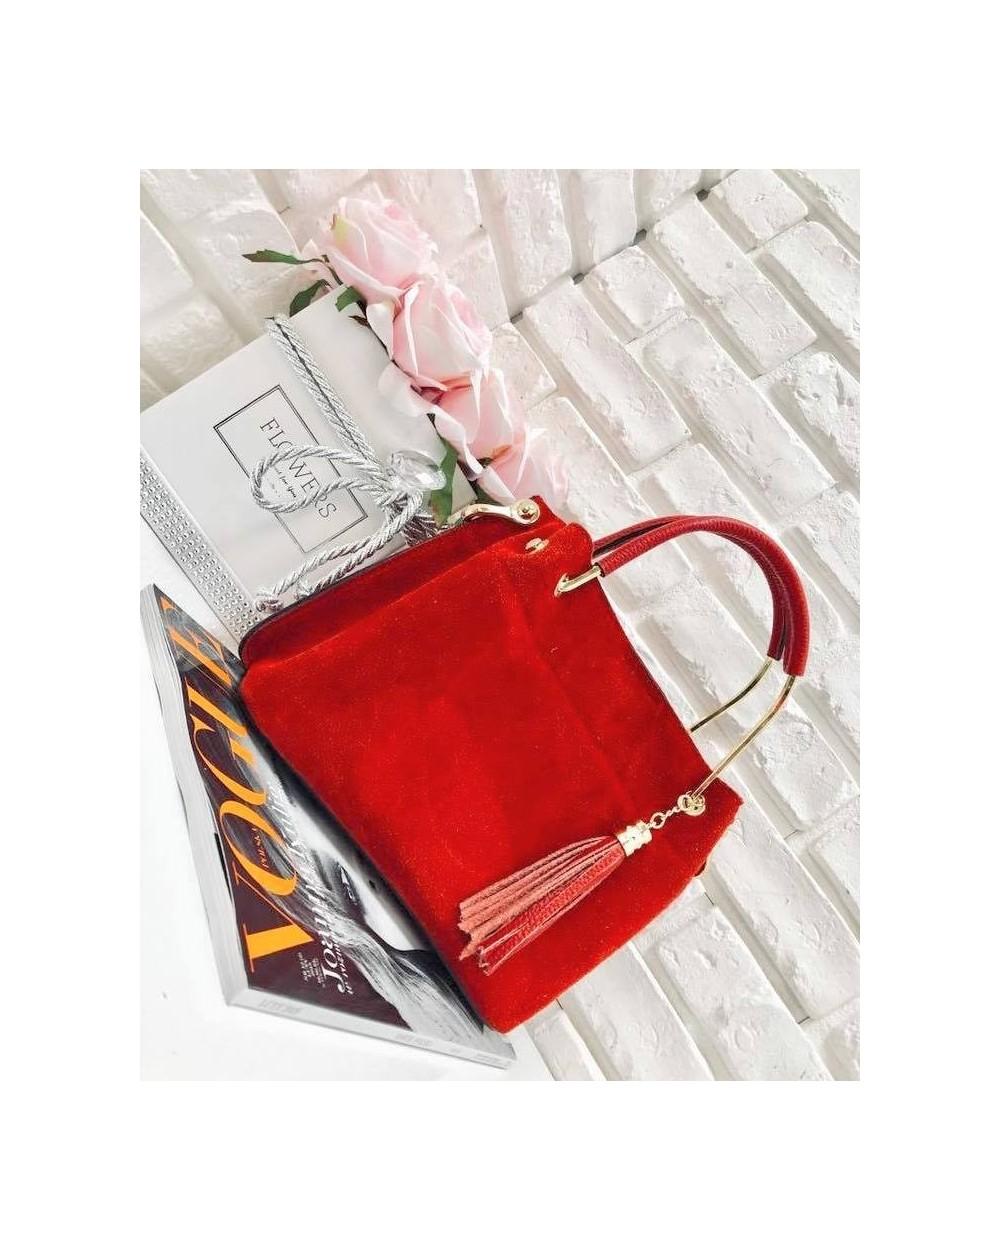 a299e85380e02 Włoska torebka kuferek zamszowy z frędzelkiem a la LV czerwony ...